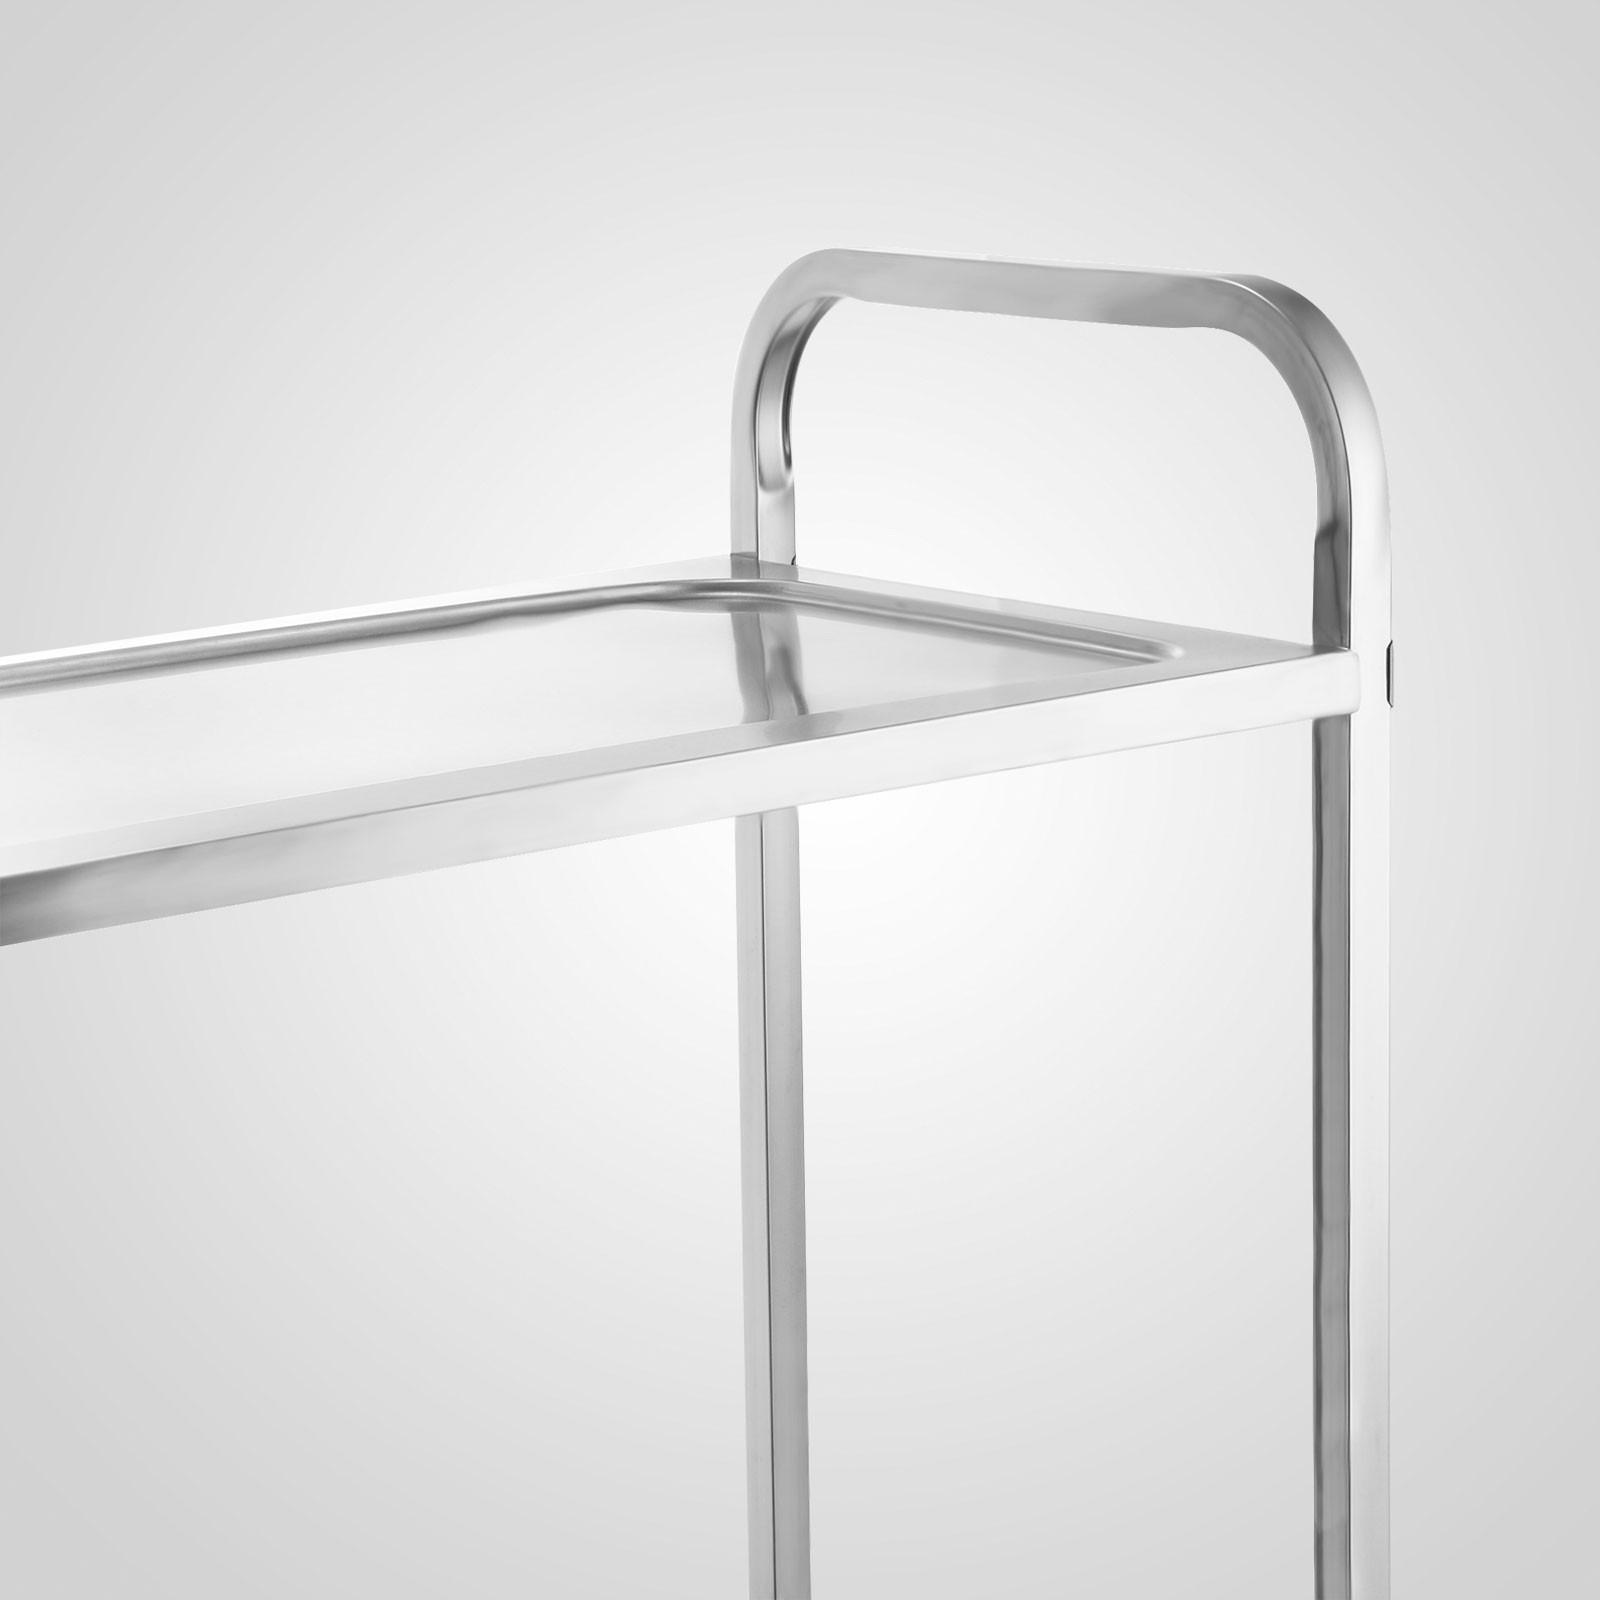 Großzügig Küchenwagen Und Inseln Ikea Fotos - Küchenschrank Ideen ...